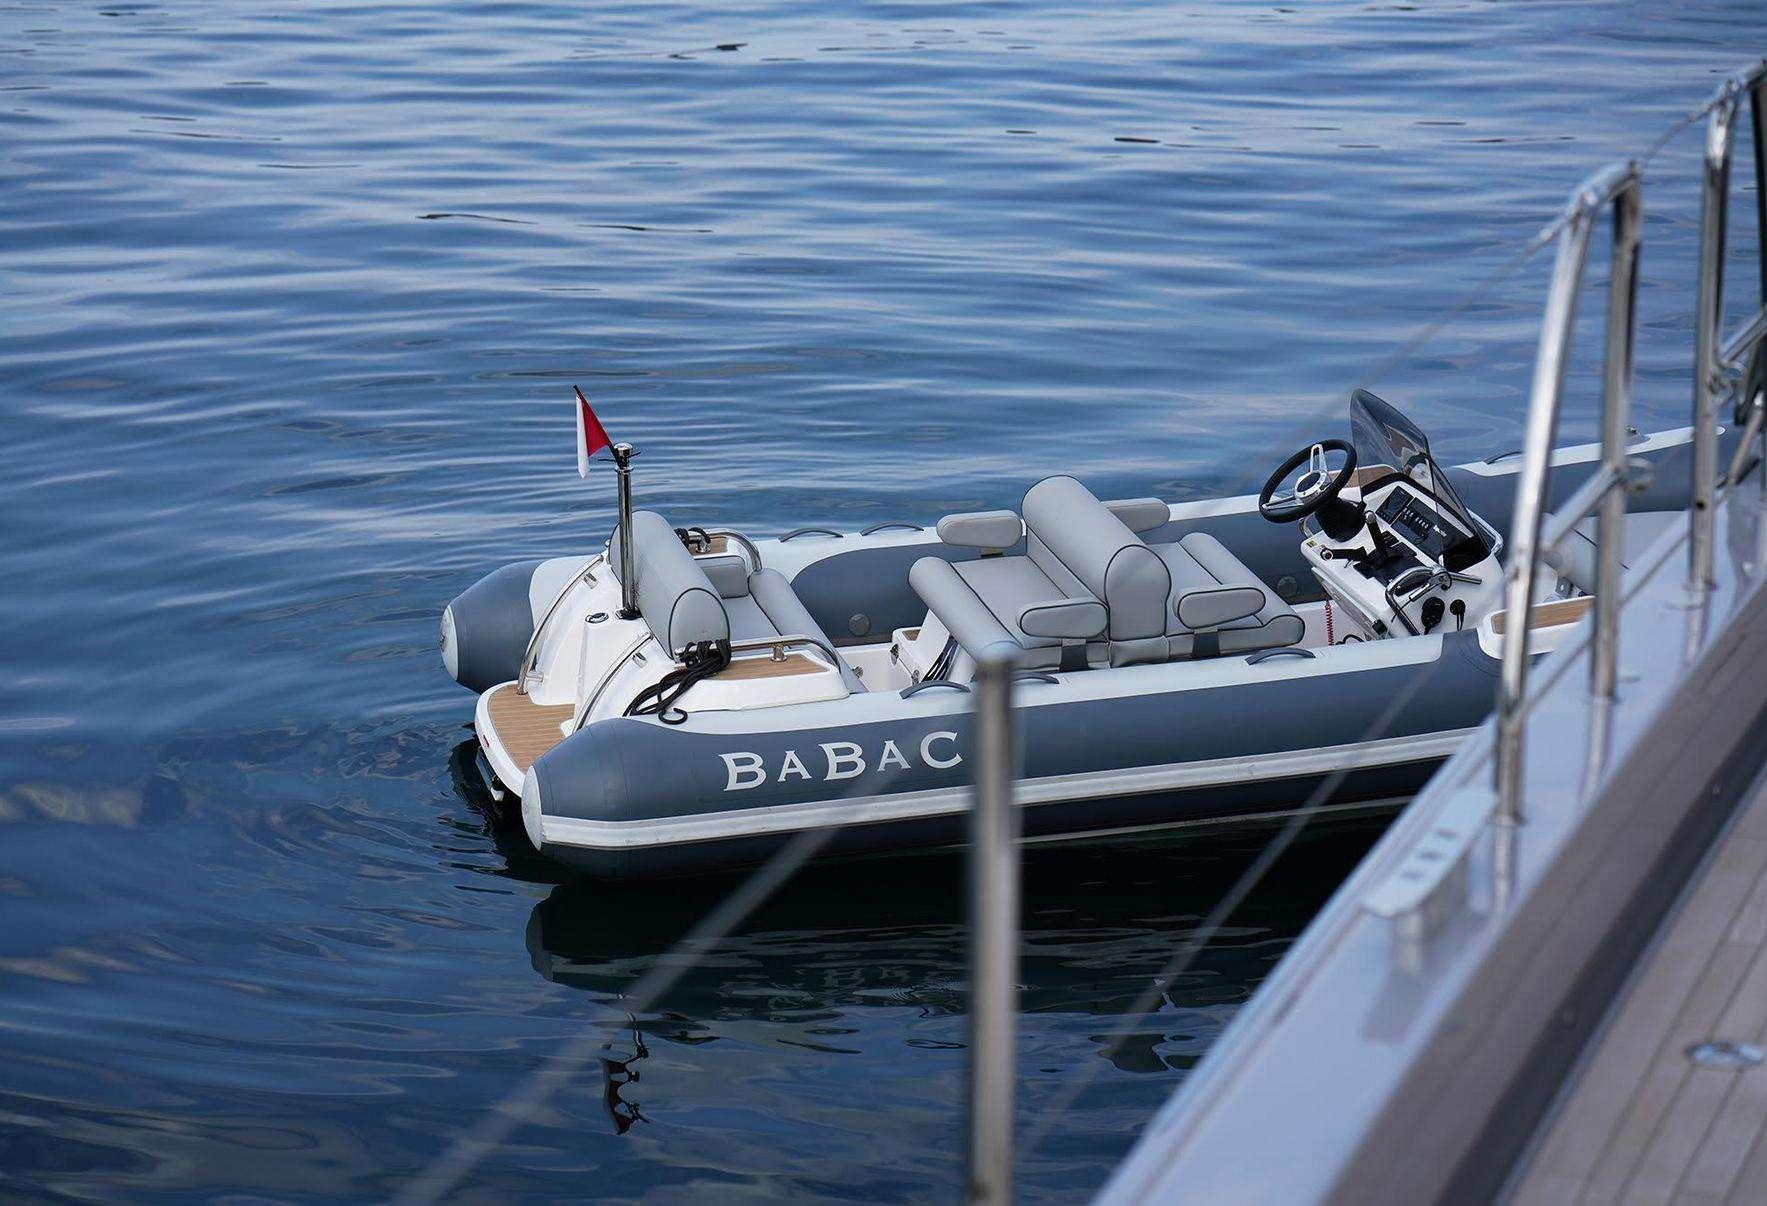 Image of BABAC yacht #19